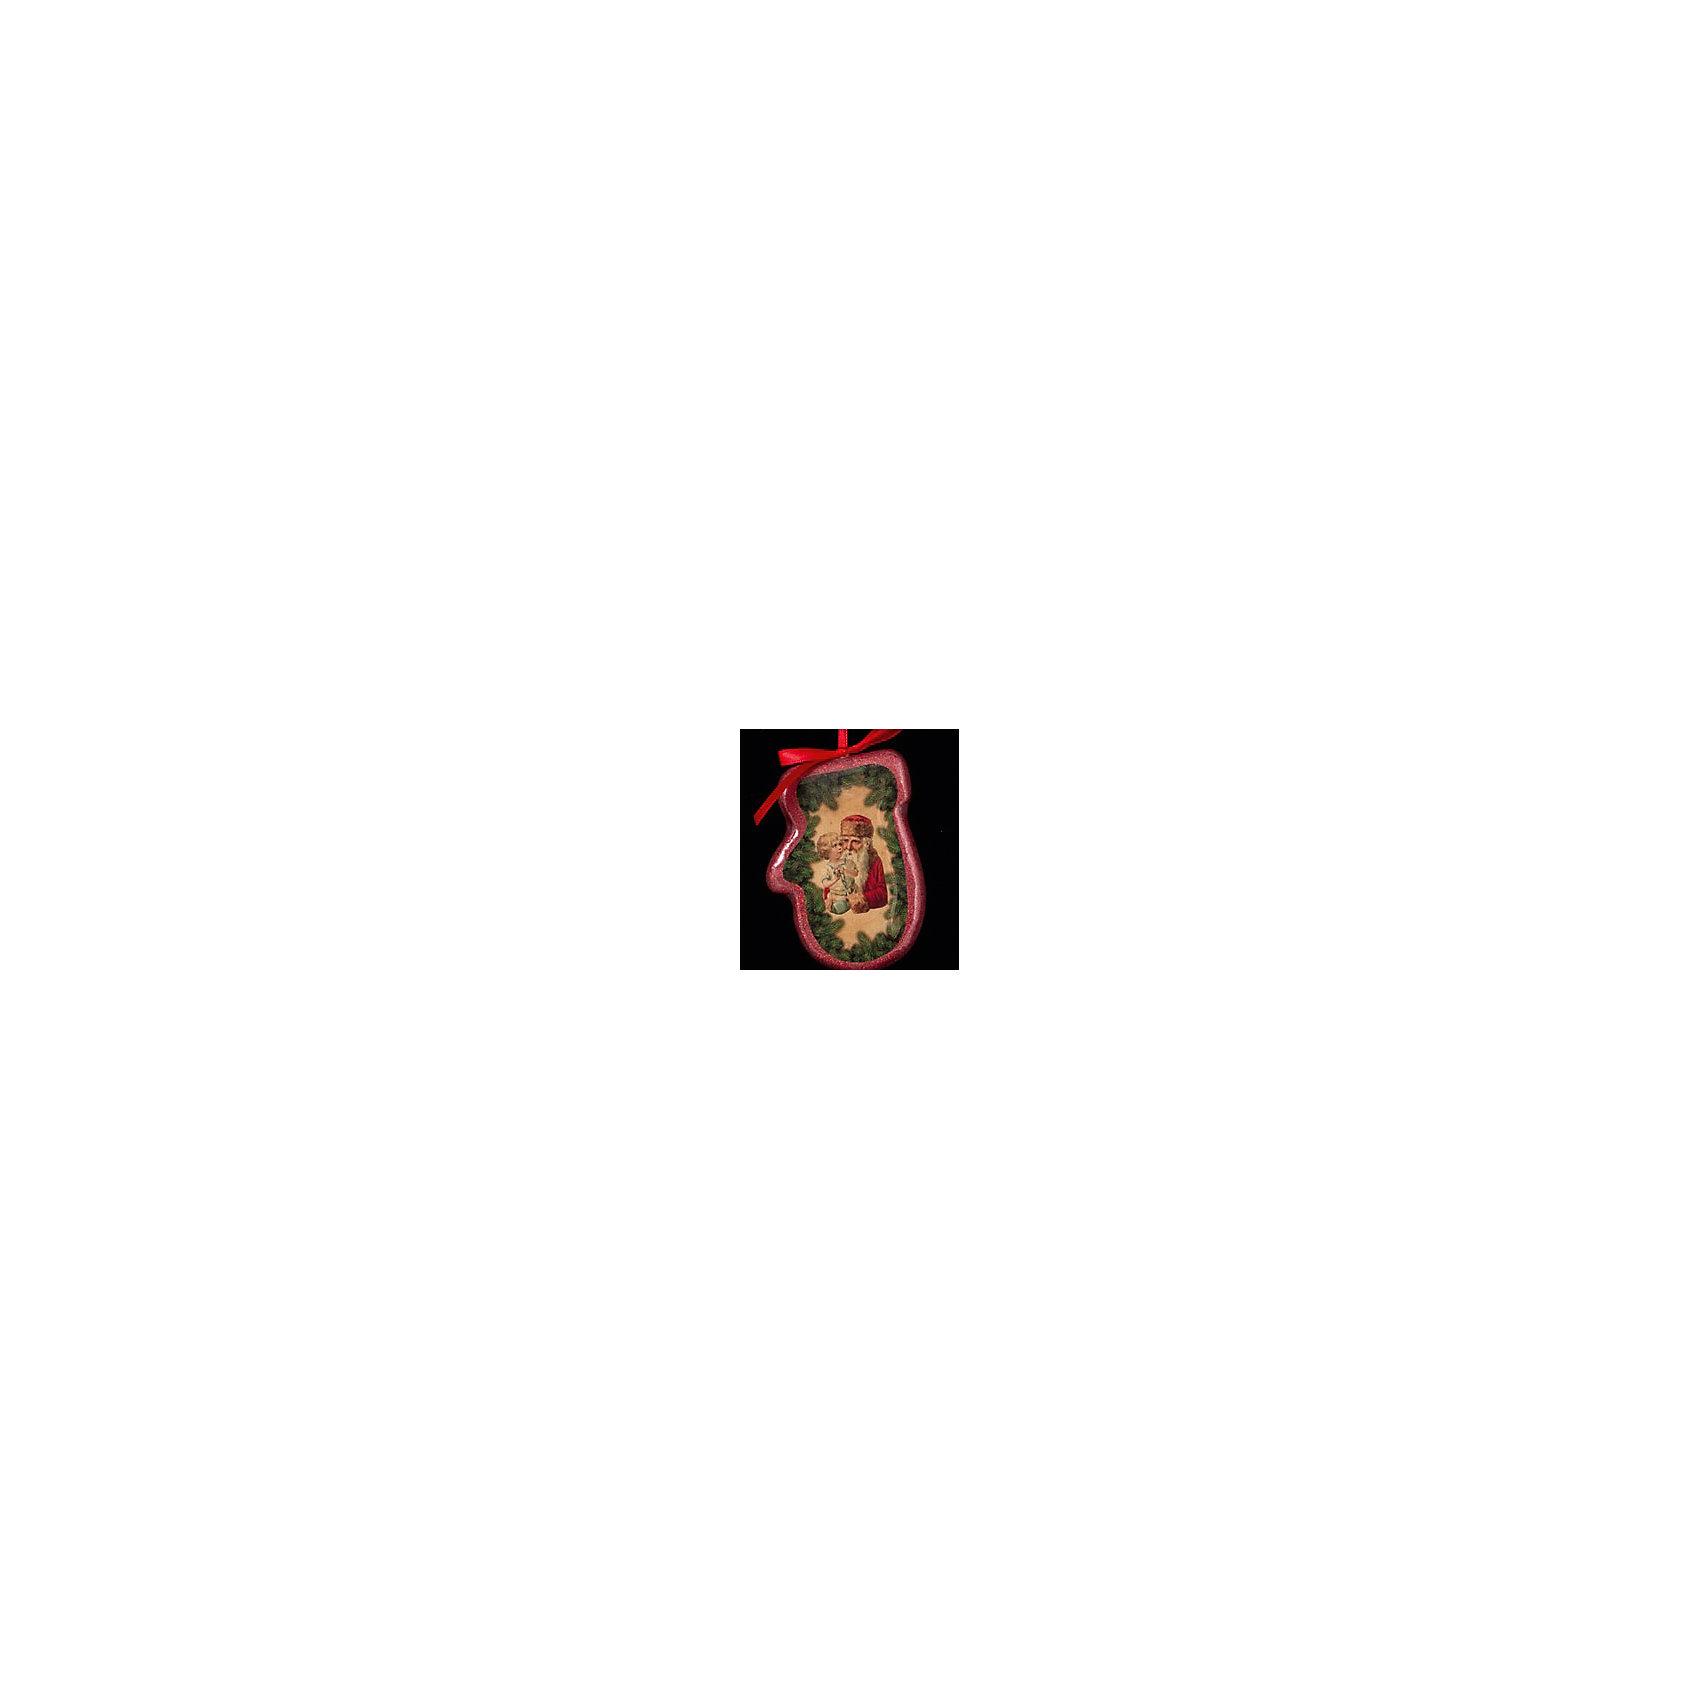 ёл. укр. GRANDE рукавичка, 7,5см, 1шт, красный, зеленый, коричЁлочные игрушки<br>Новогодние  и елочные украшения, в т.ч. пластиковые шары, украшения фигурные, изображающие представителей флоры, фауны, сказочных персонажей, верхушки, бусы, ветки, бантики, гирлянды и фонарики  (без подключения к сети переменного тока), конфетти, мишура, дождик, серпантин,  панно, венки, ели, ленты декоративные<br><br>Ширина мм: 75<br>Глубина мм: 20<br>Высота мм: 50<br>Вес г: 35<br>Возраст от месяцев: 36<br>Возраст до месяцев: 2147483647<br>Пол: Унисекс<br>Возраст: Детский<br>SKU: 5101102